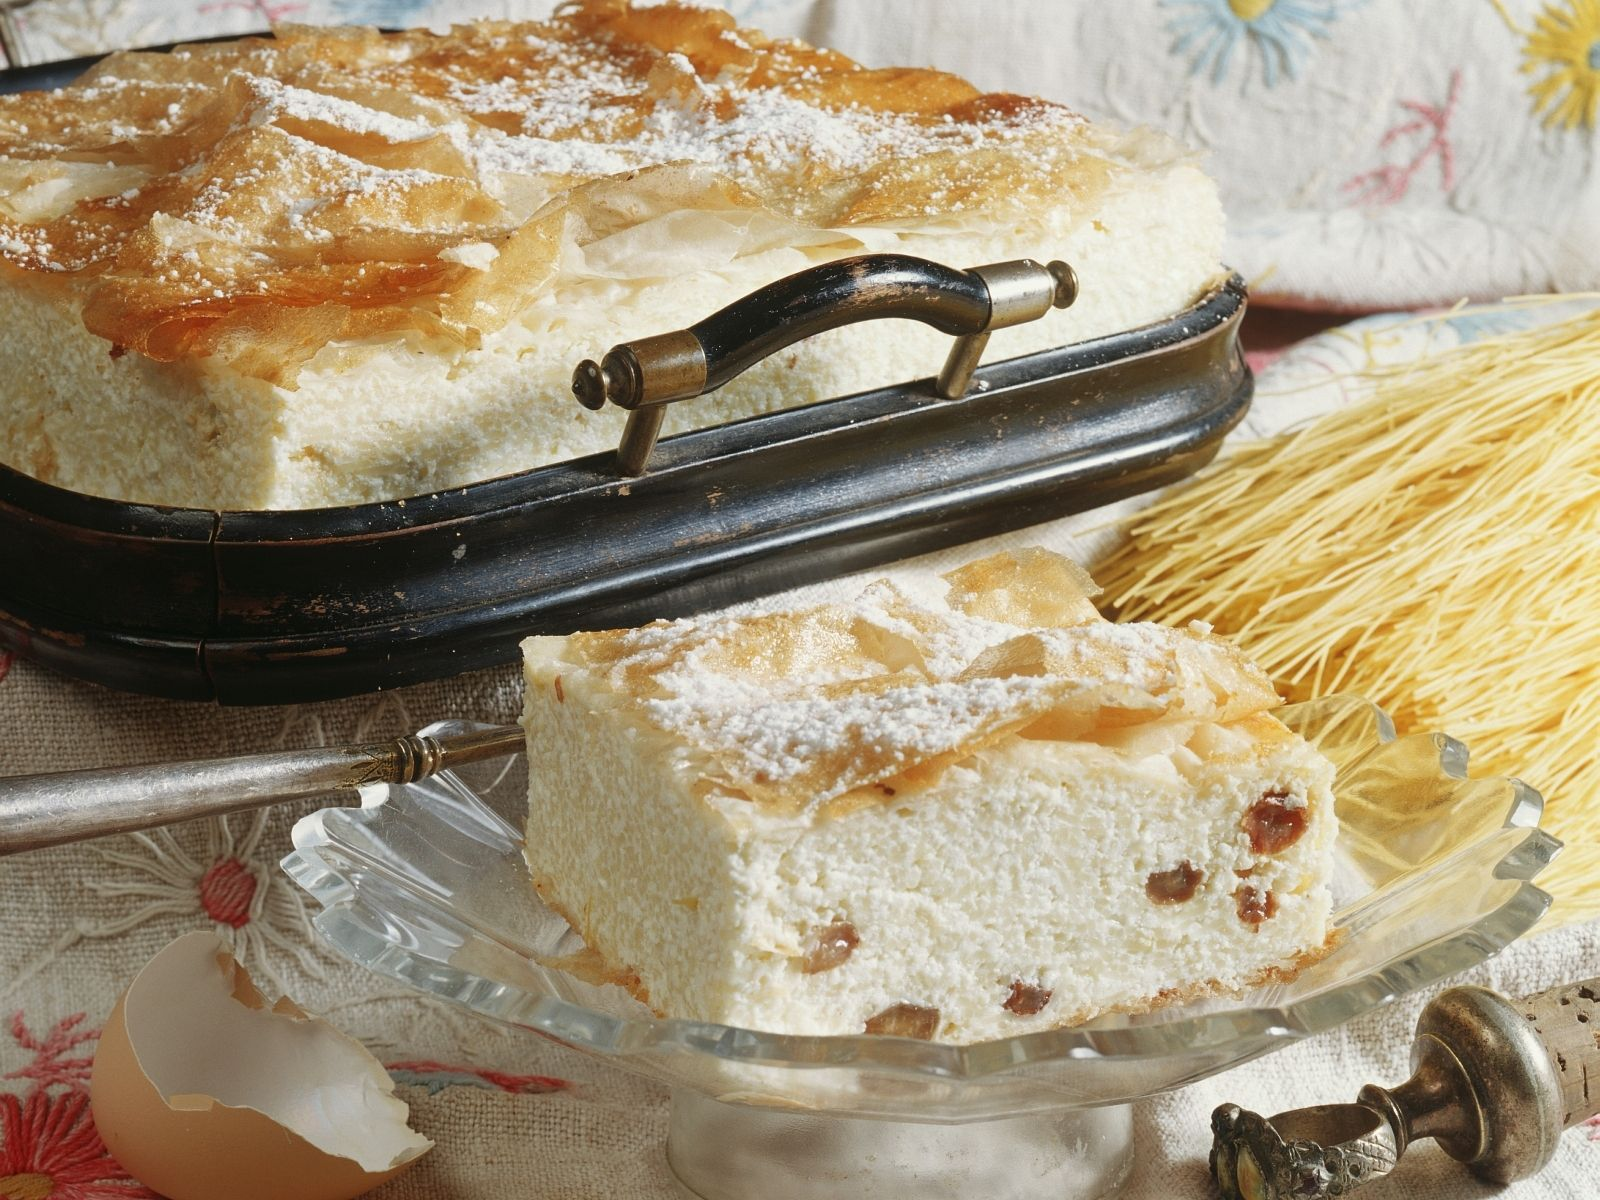 Rezepte kasekuchen muffins quark